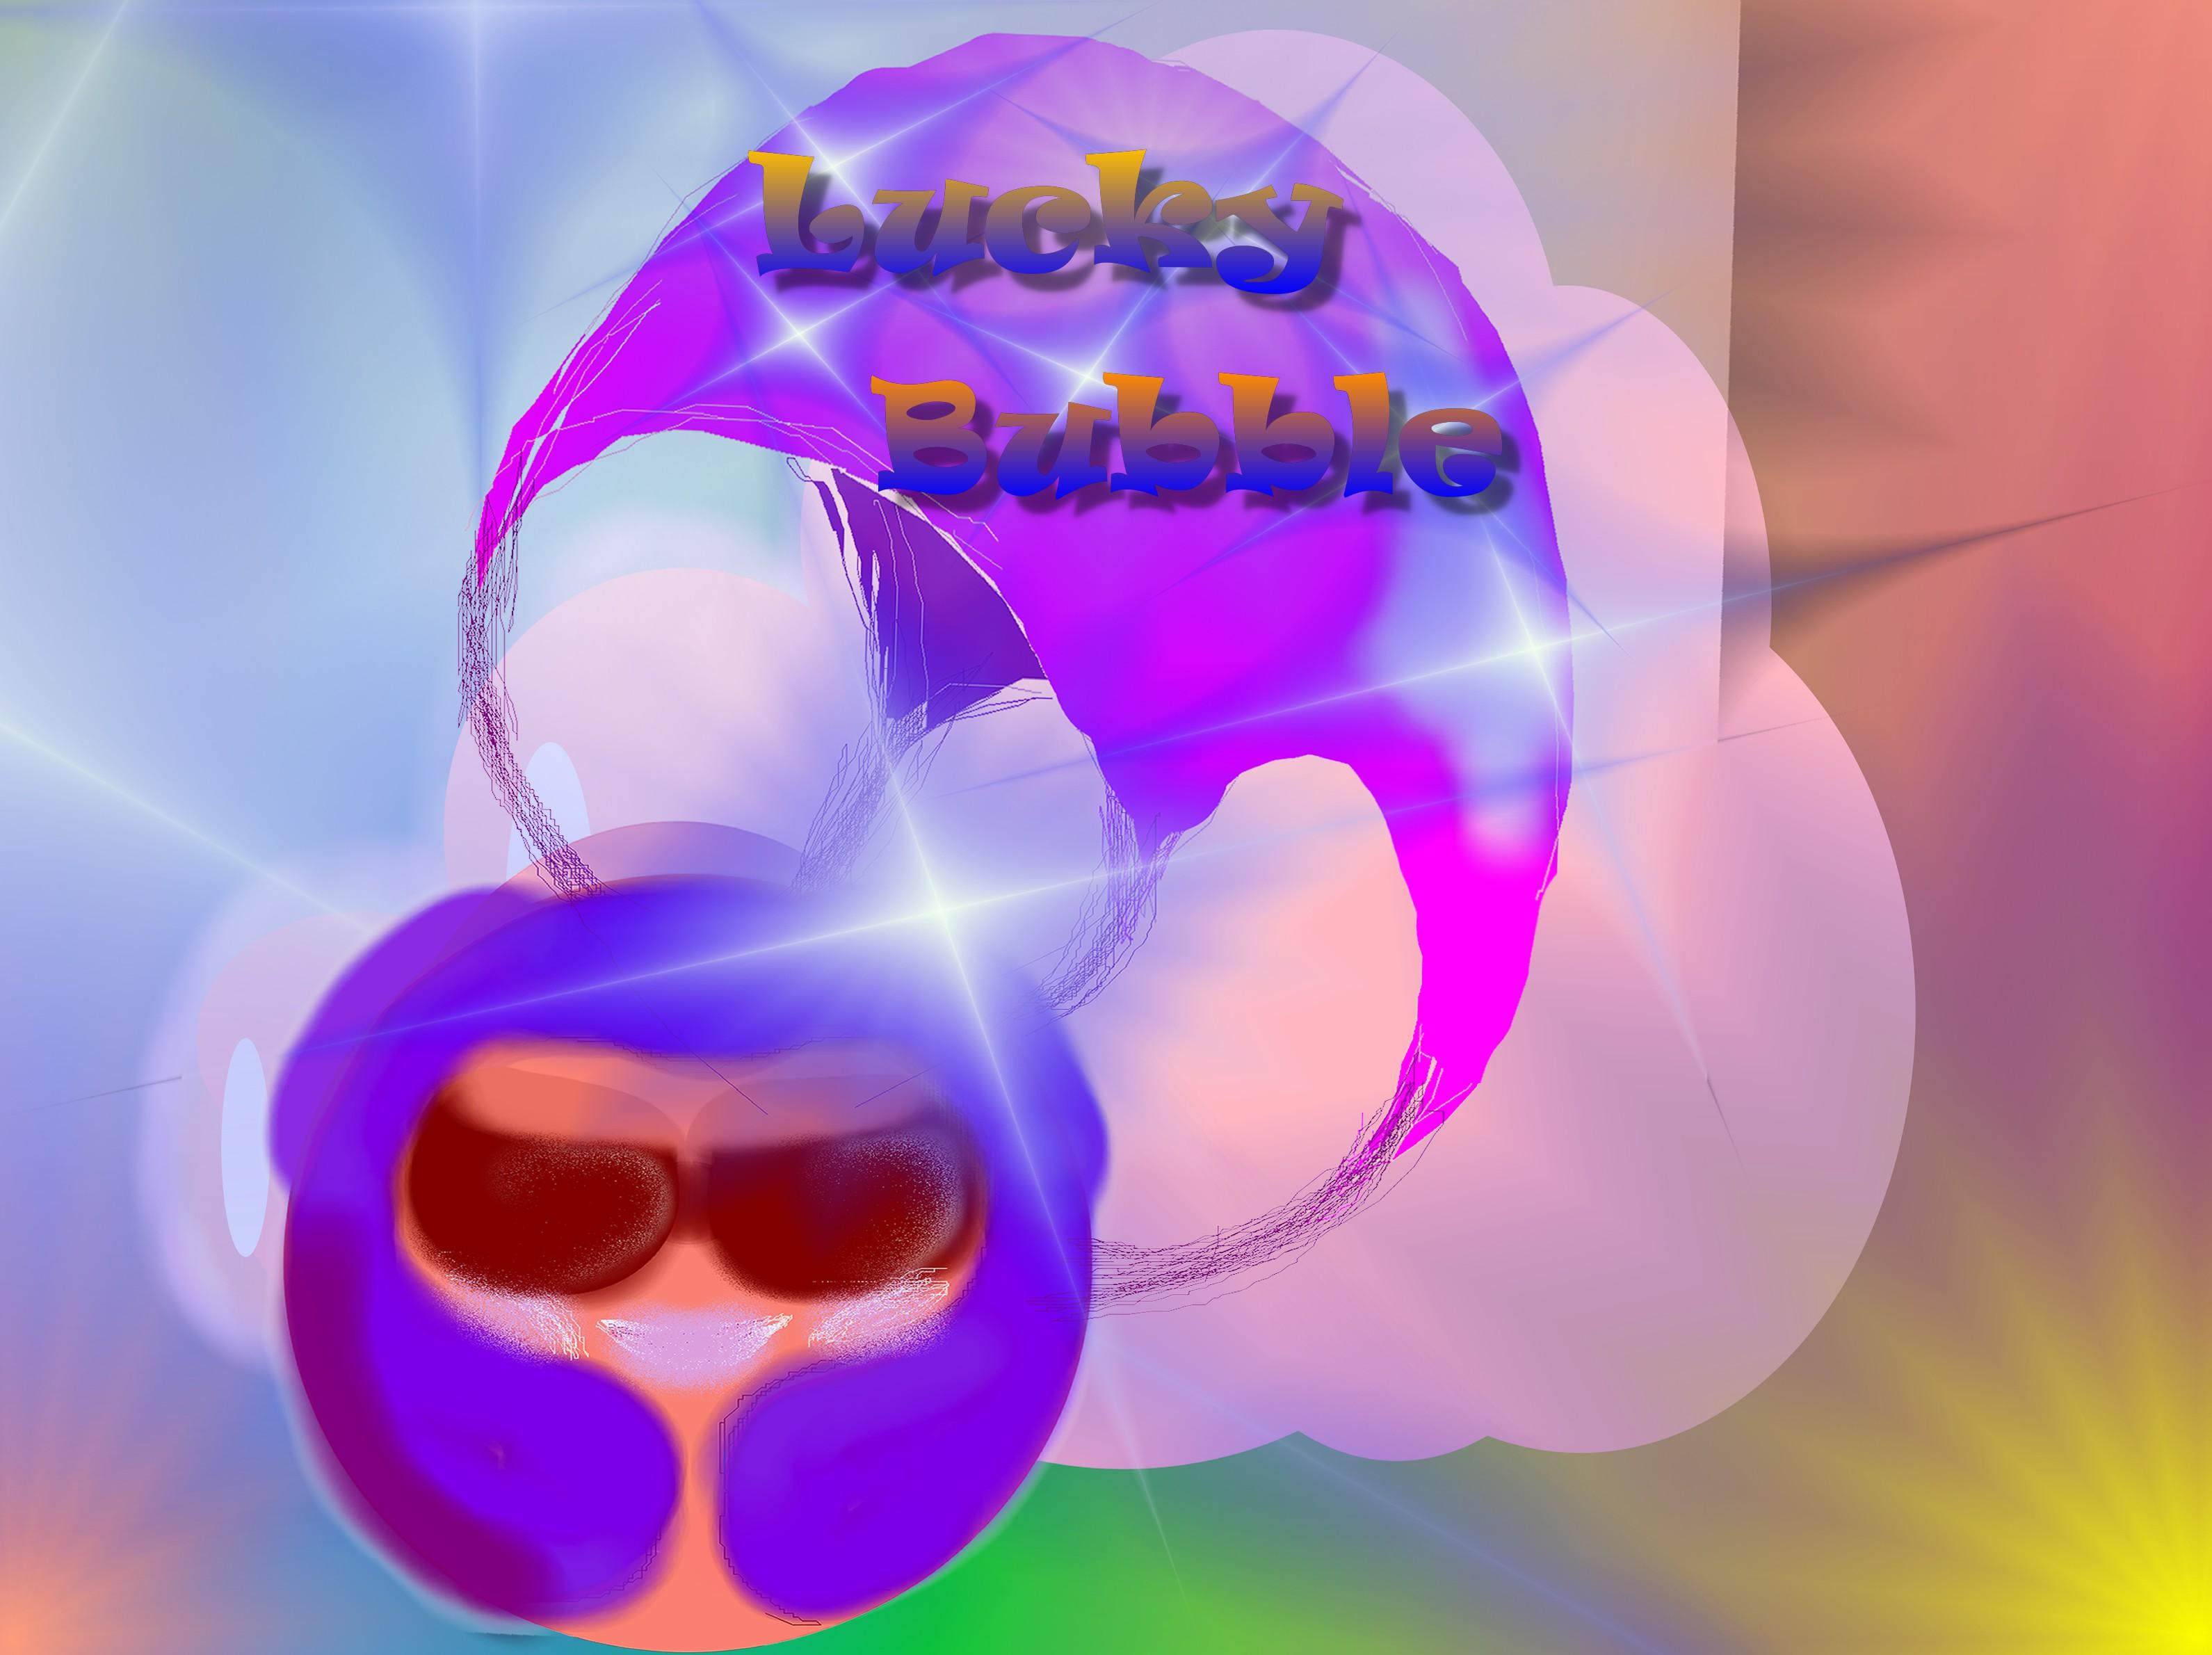 Разработка логотипа  фото f_0255fb6a13021a8f.jpg